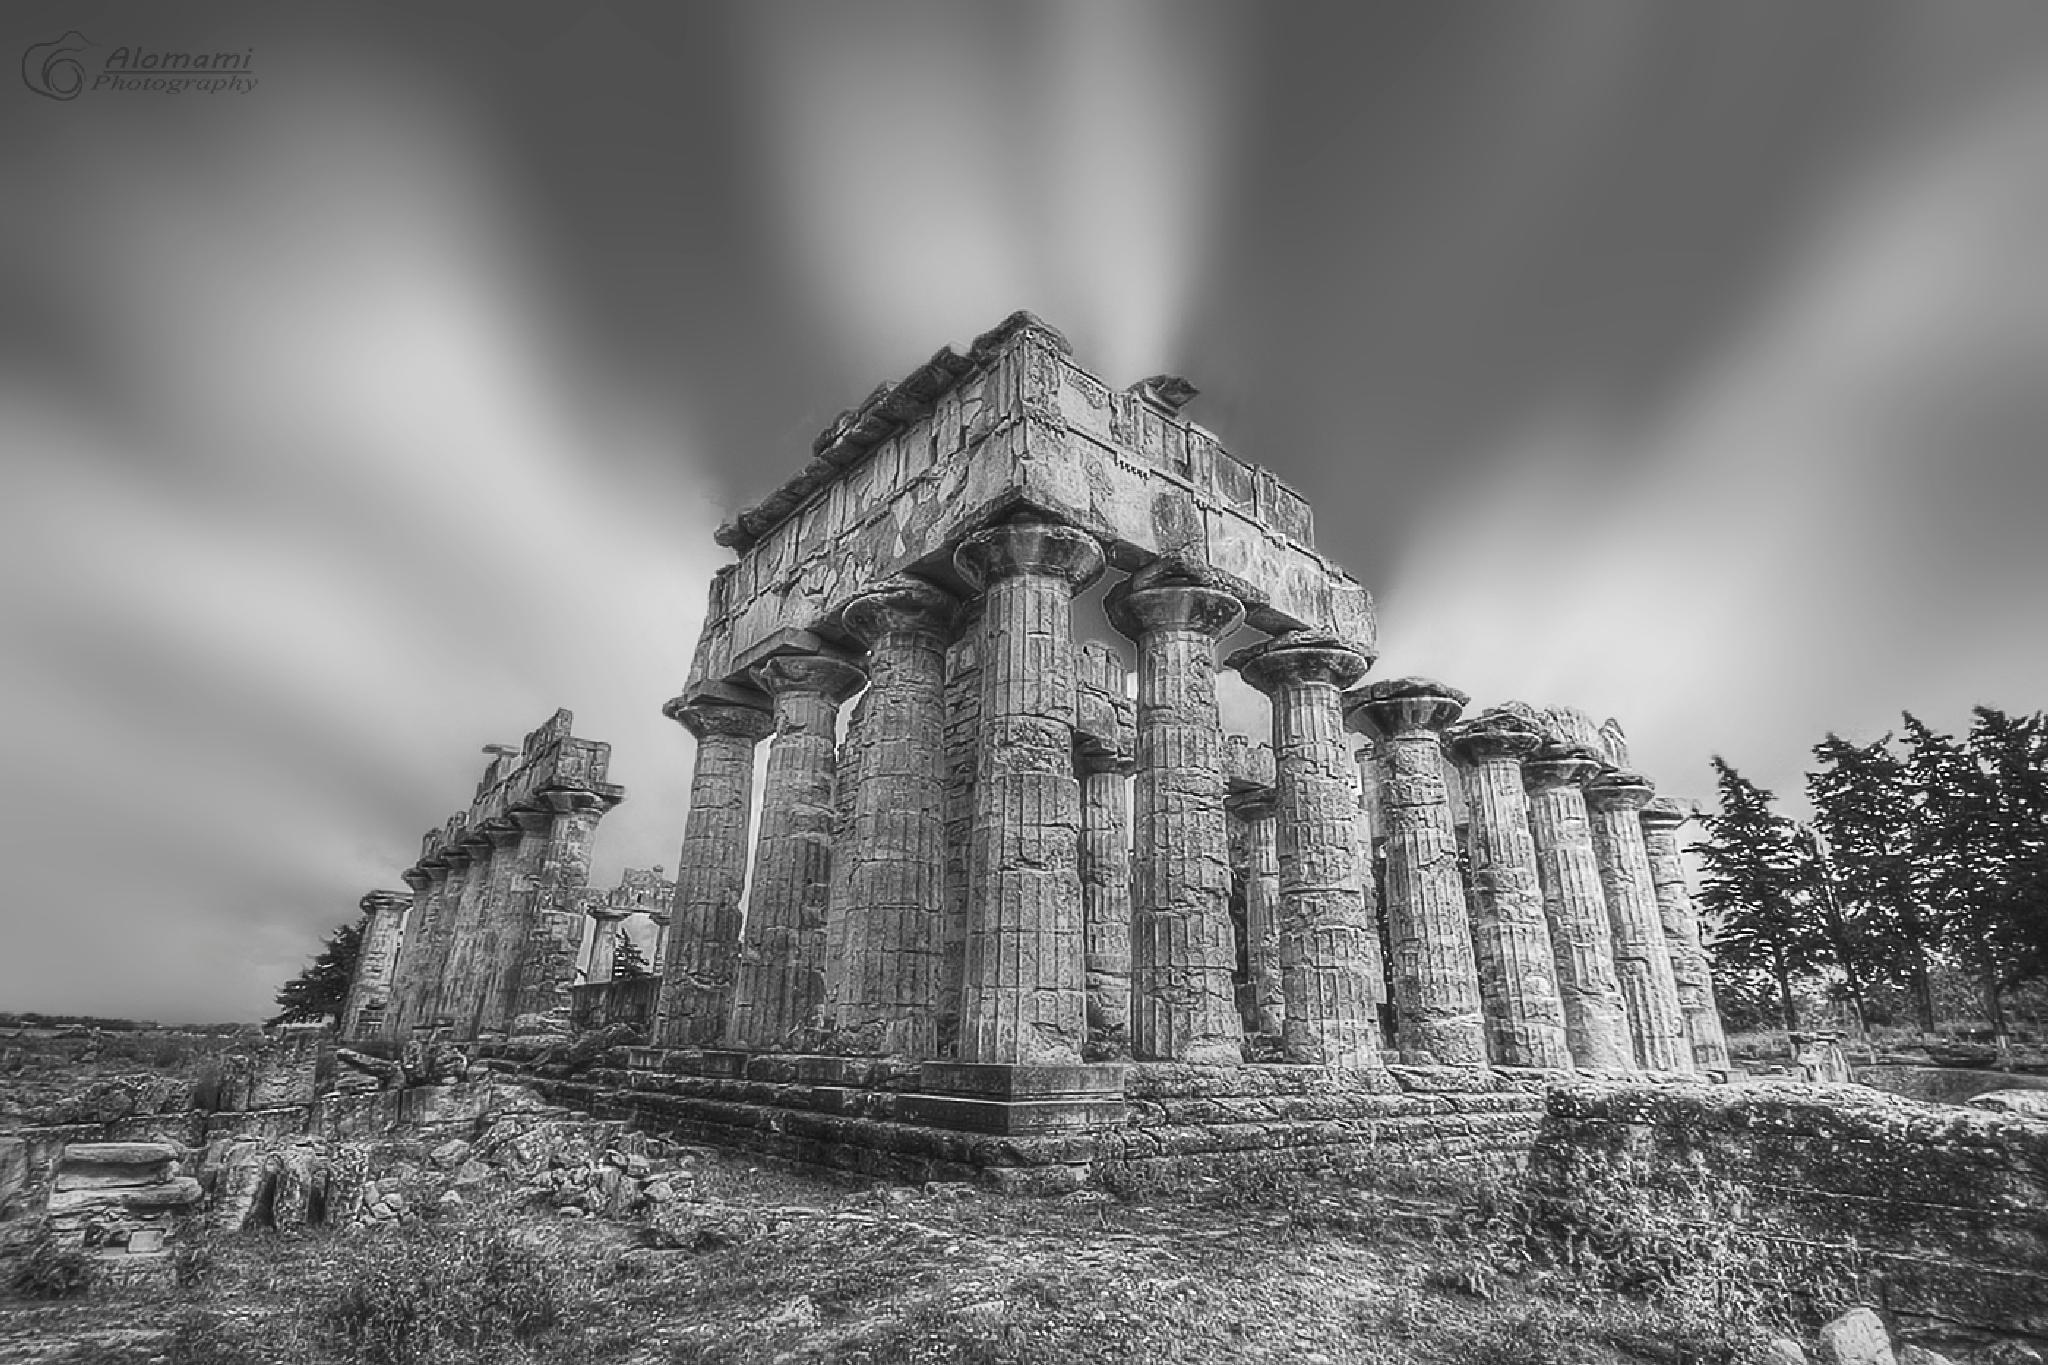 معبد زيوس by mohamed alomami